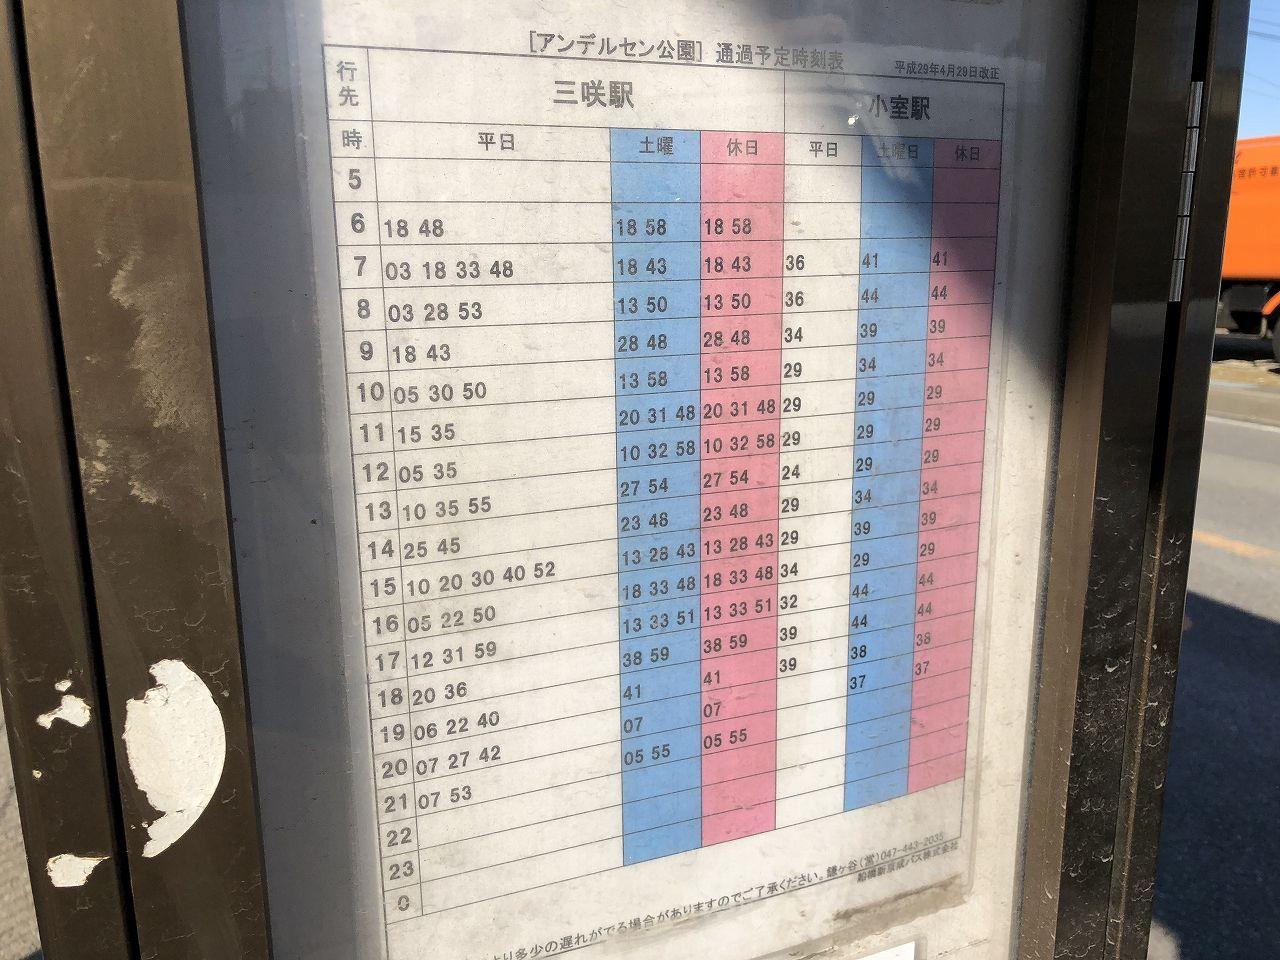 アンデルセン公園から三咲駅へのバス時刻表